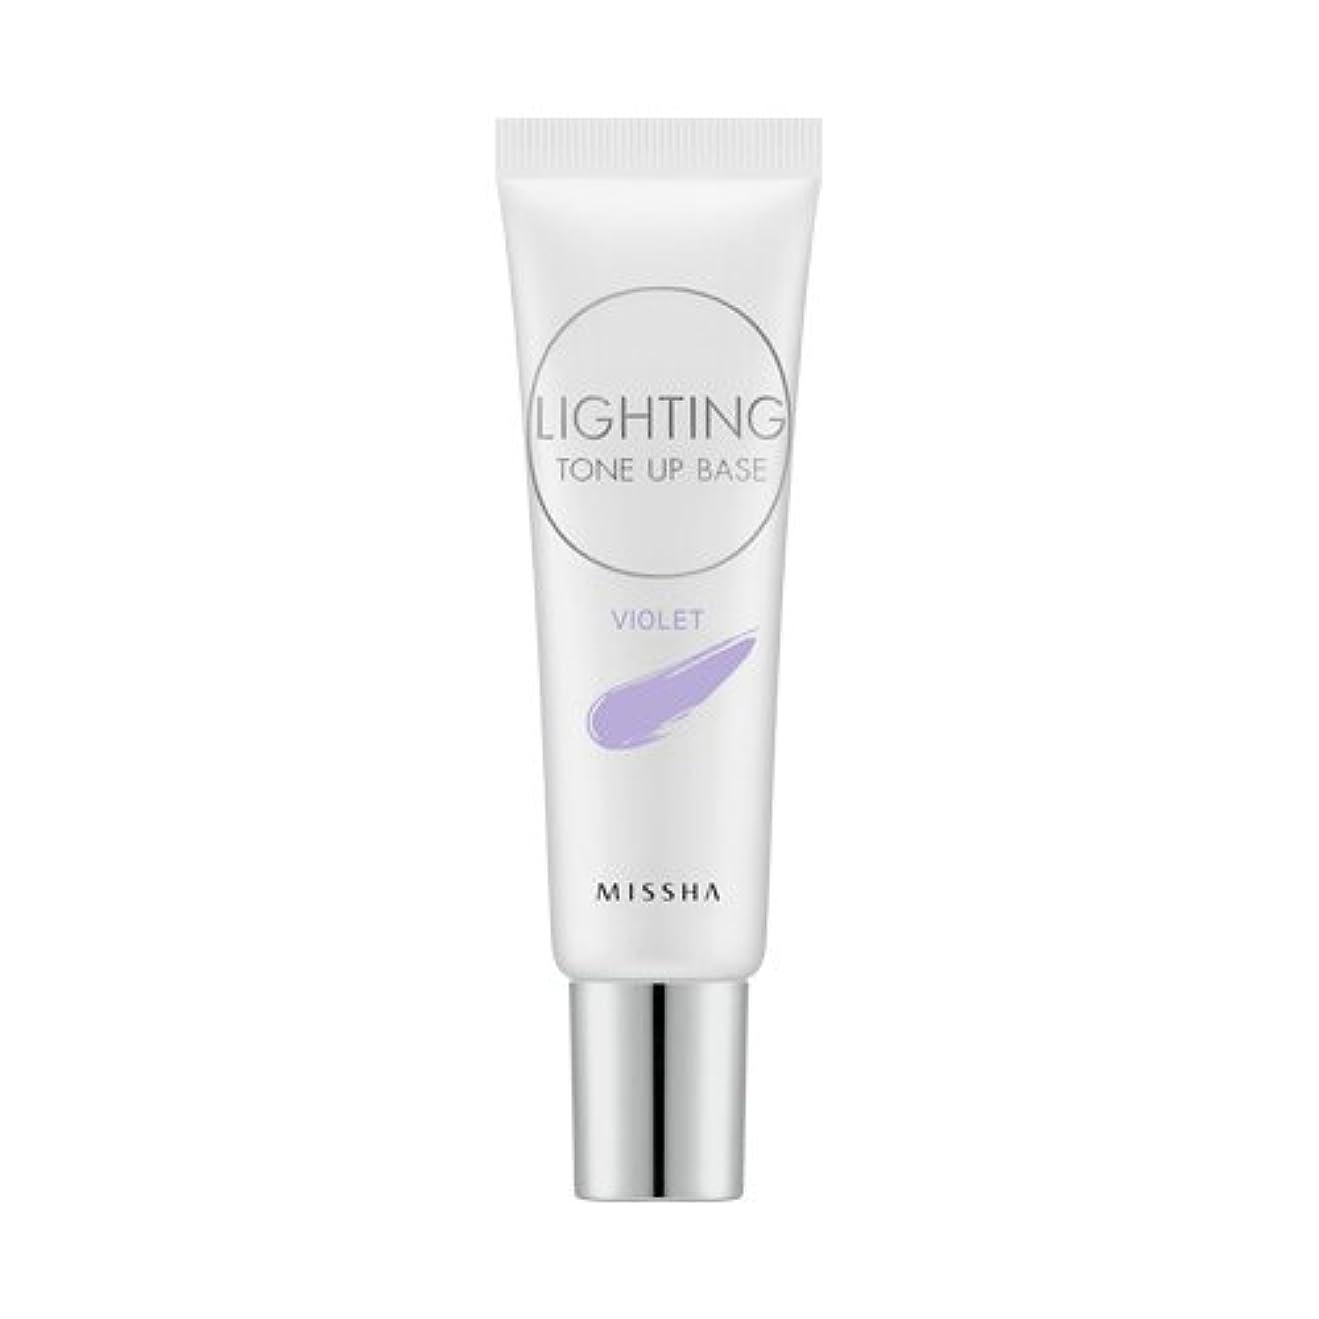 授業料縁石無駄MISSHA Lighting Tone Up Base 20ml/ミシャ ライティング トーン アップ ベース 20ml (#Violet)